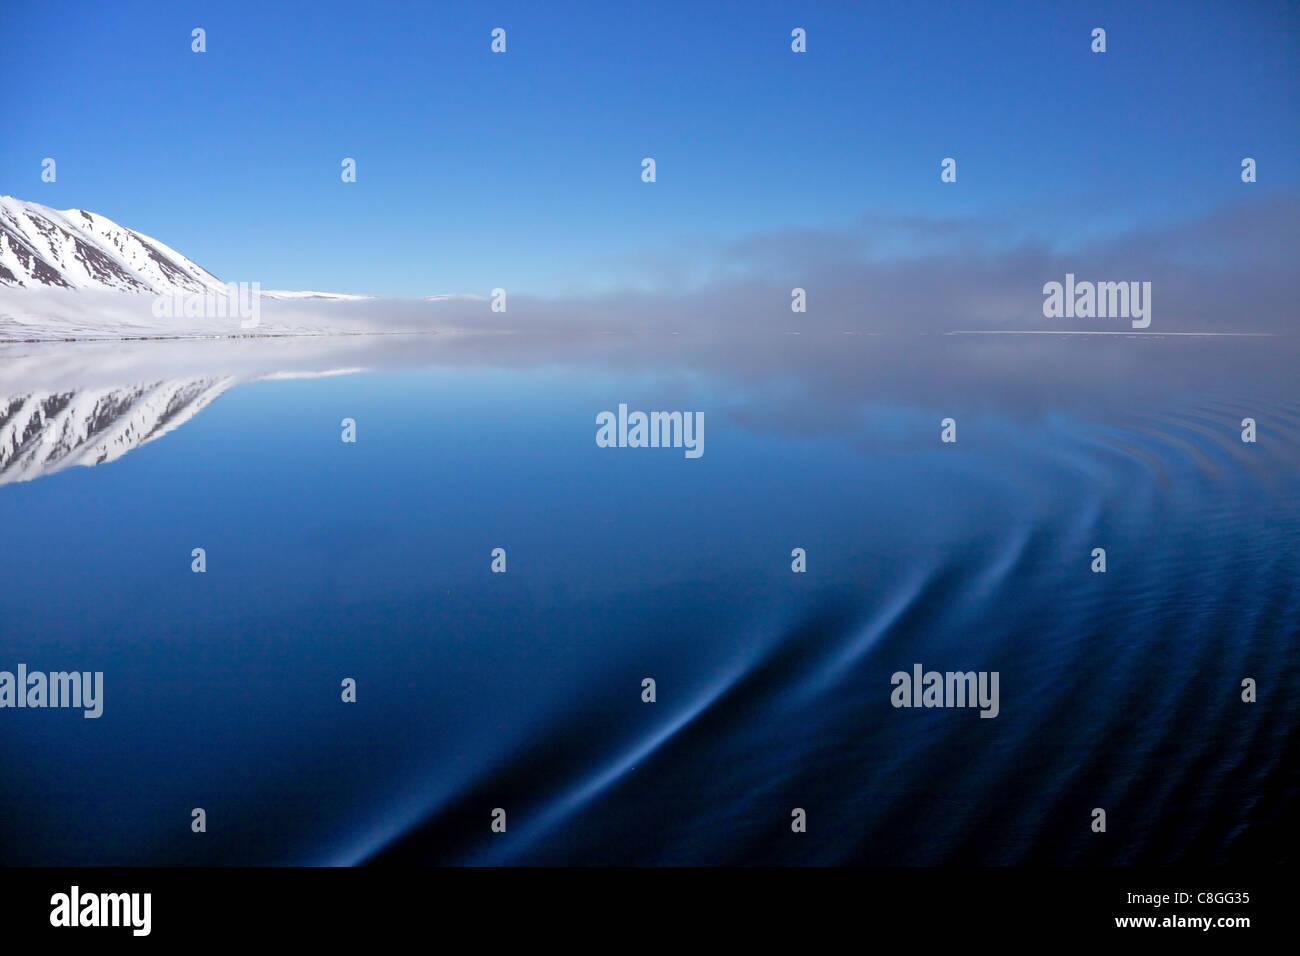 Ripples on sea in summer, Liefdefjorden, Spitzbergen, Svalbard, Arctic Norway, Scandinavia - Stock Image